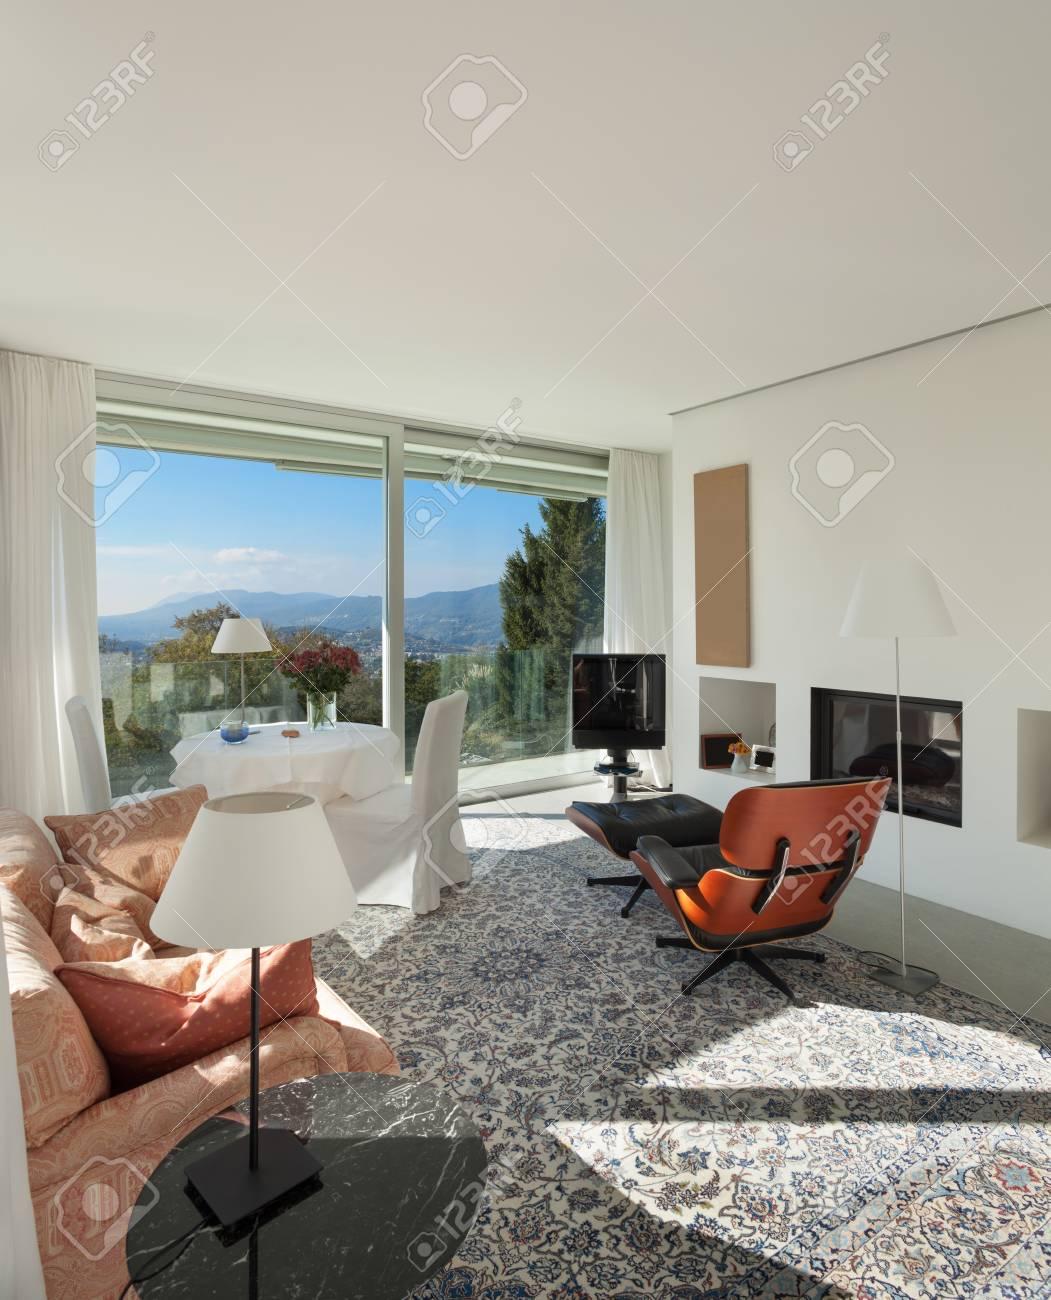 Inter Eines Modernen Hauses, Schöne Wohnzimmer Lizenzfreie Fotos ...